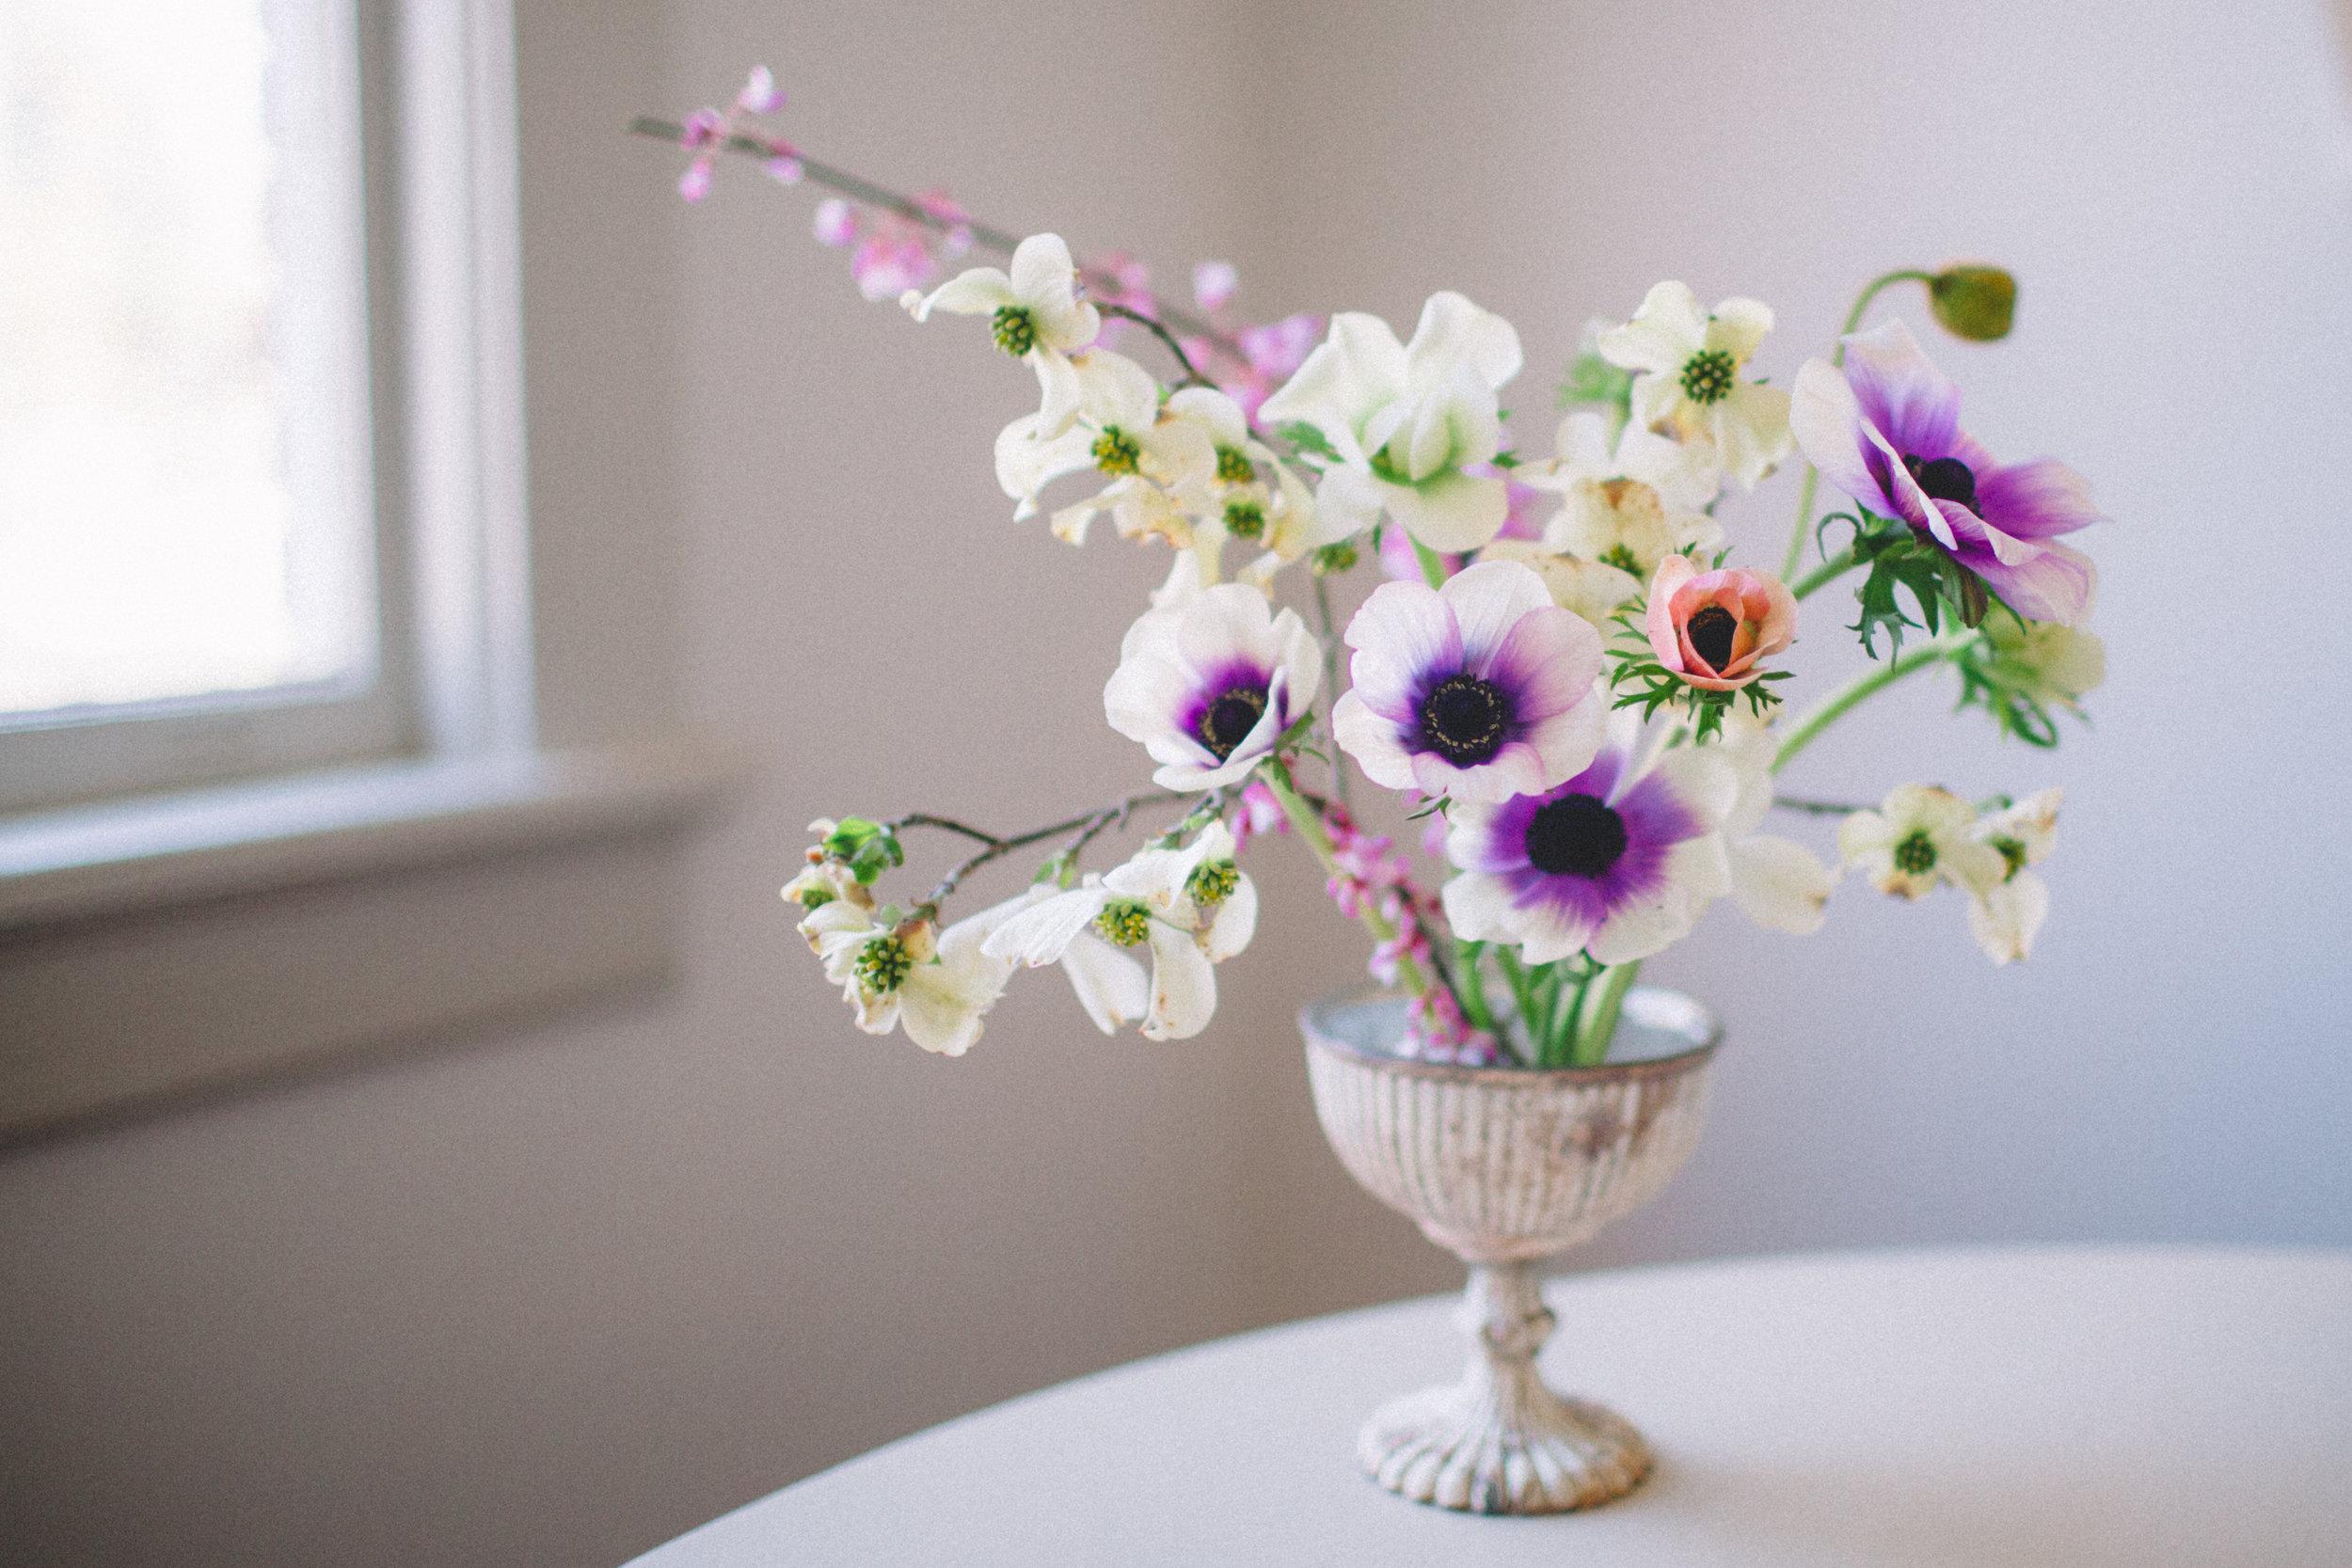 florals-march24-24.jpg